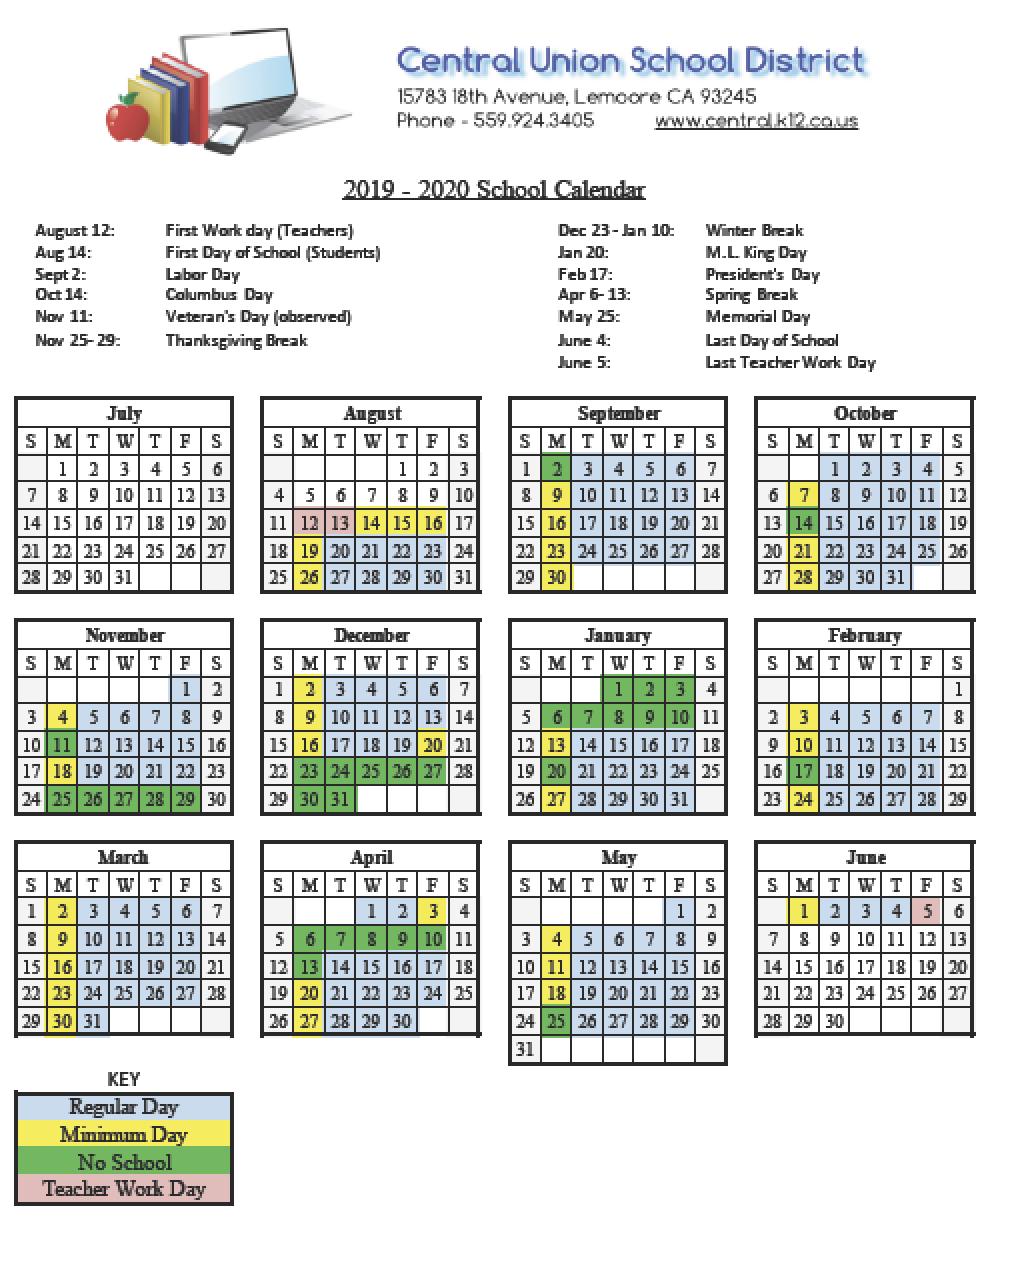 District Calendars - Central Union School District